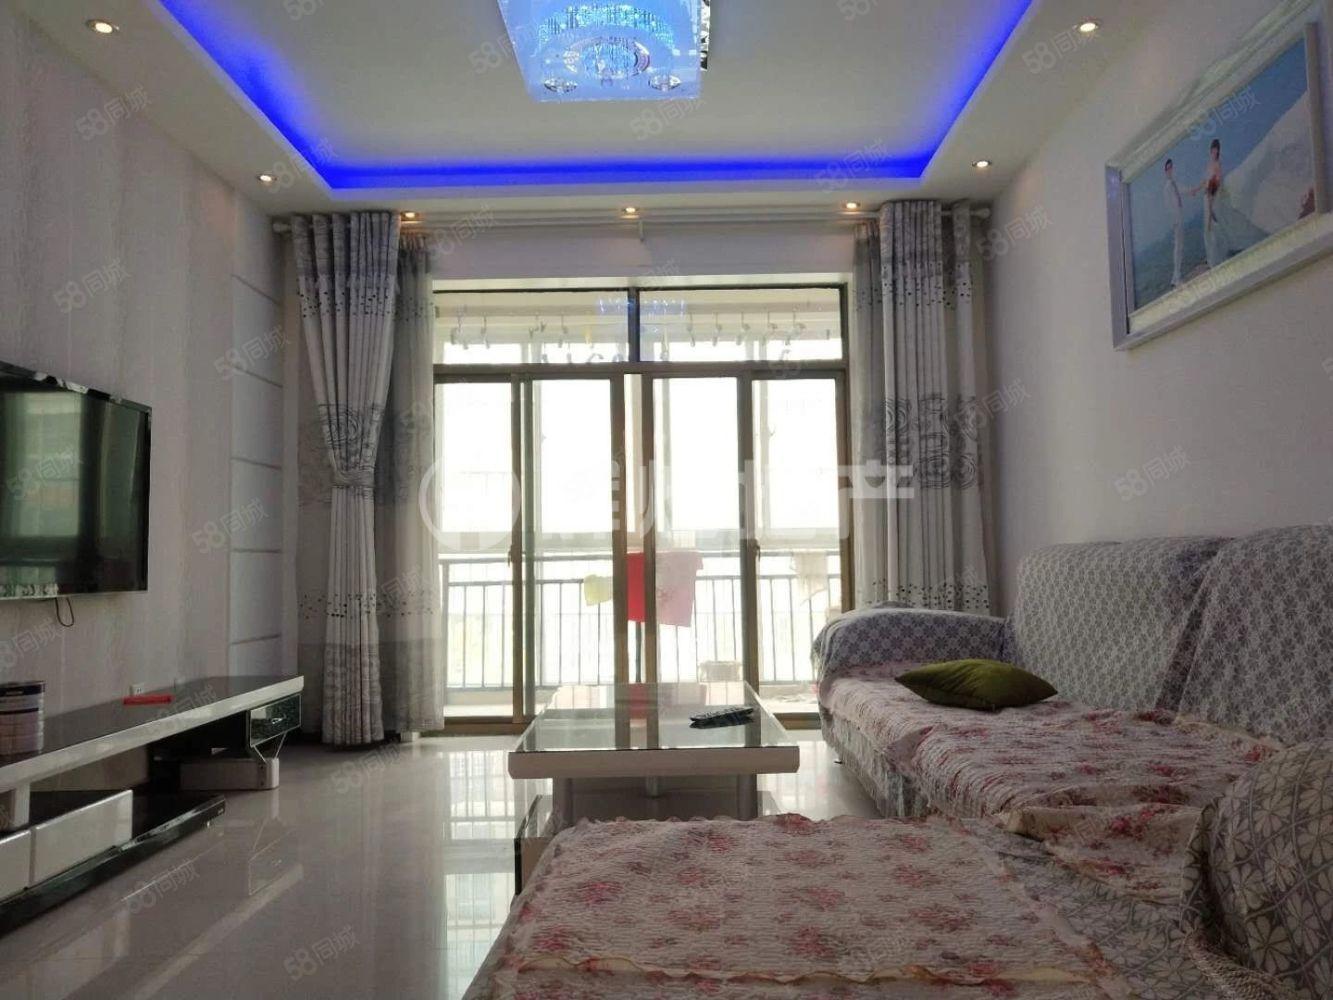 泛华新城2室2厅1卫91.35平米